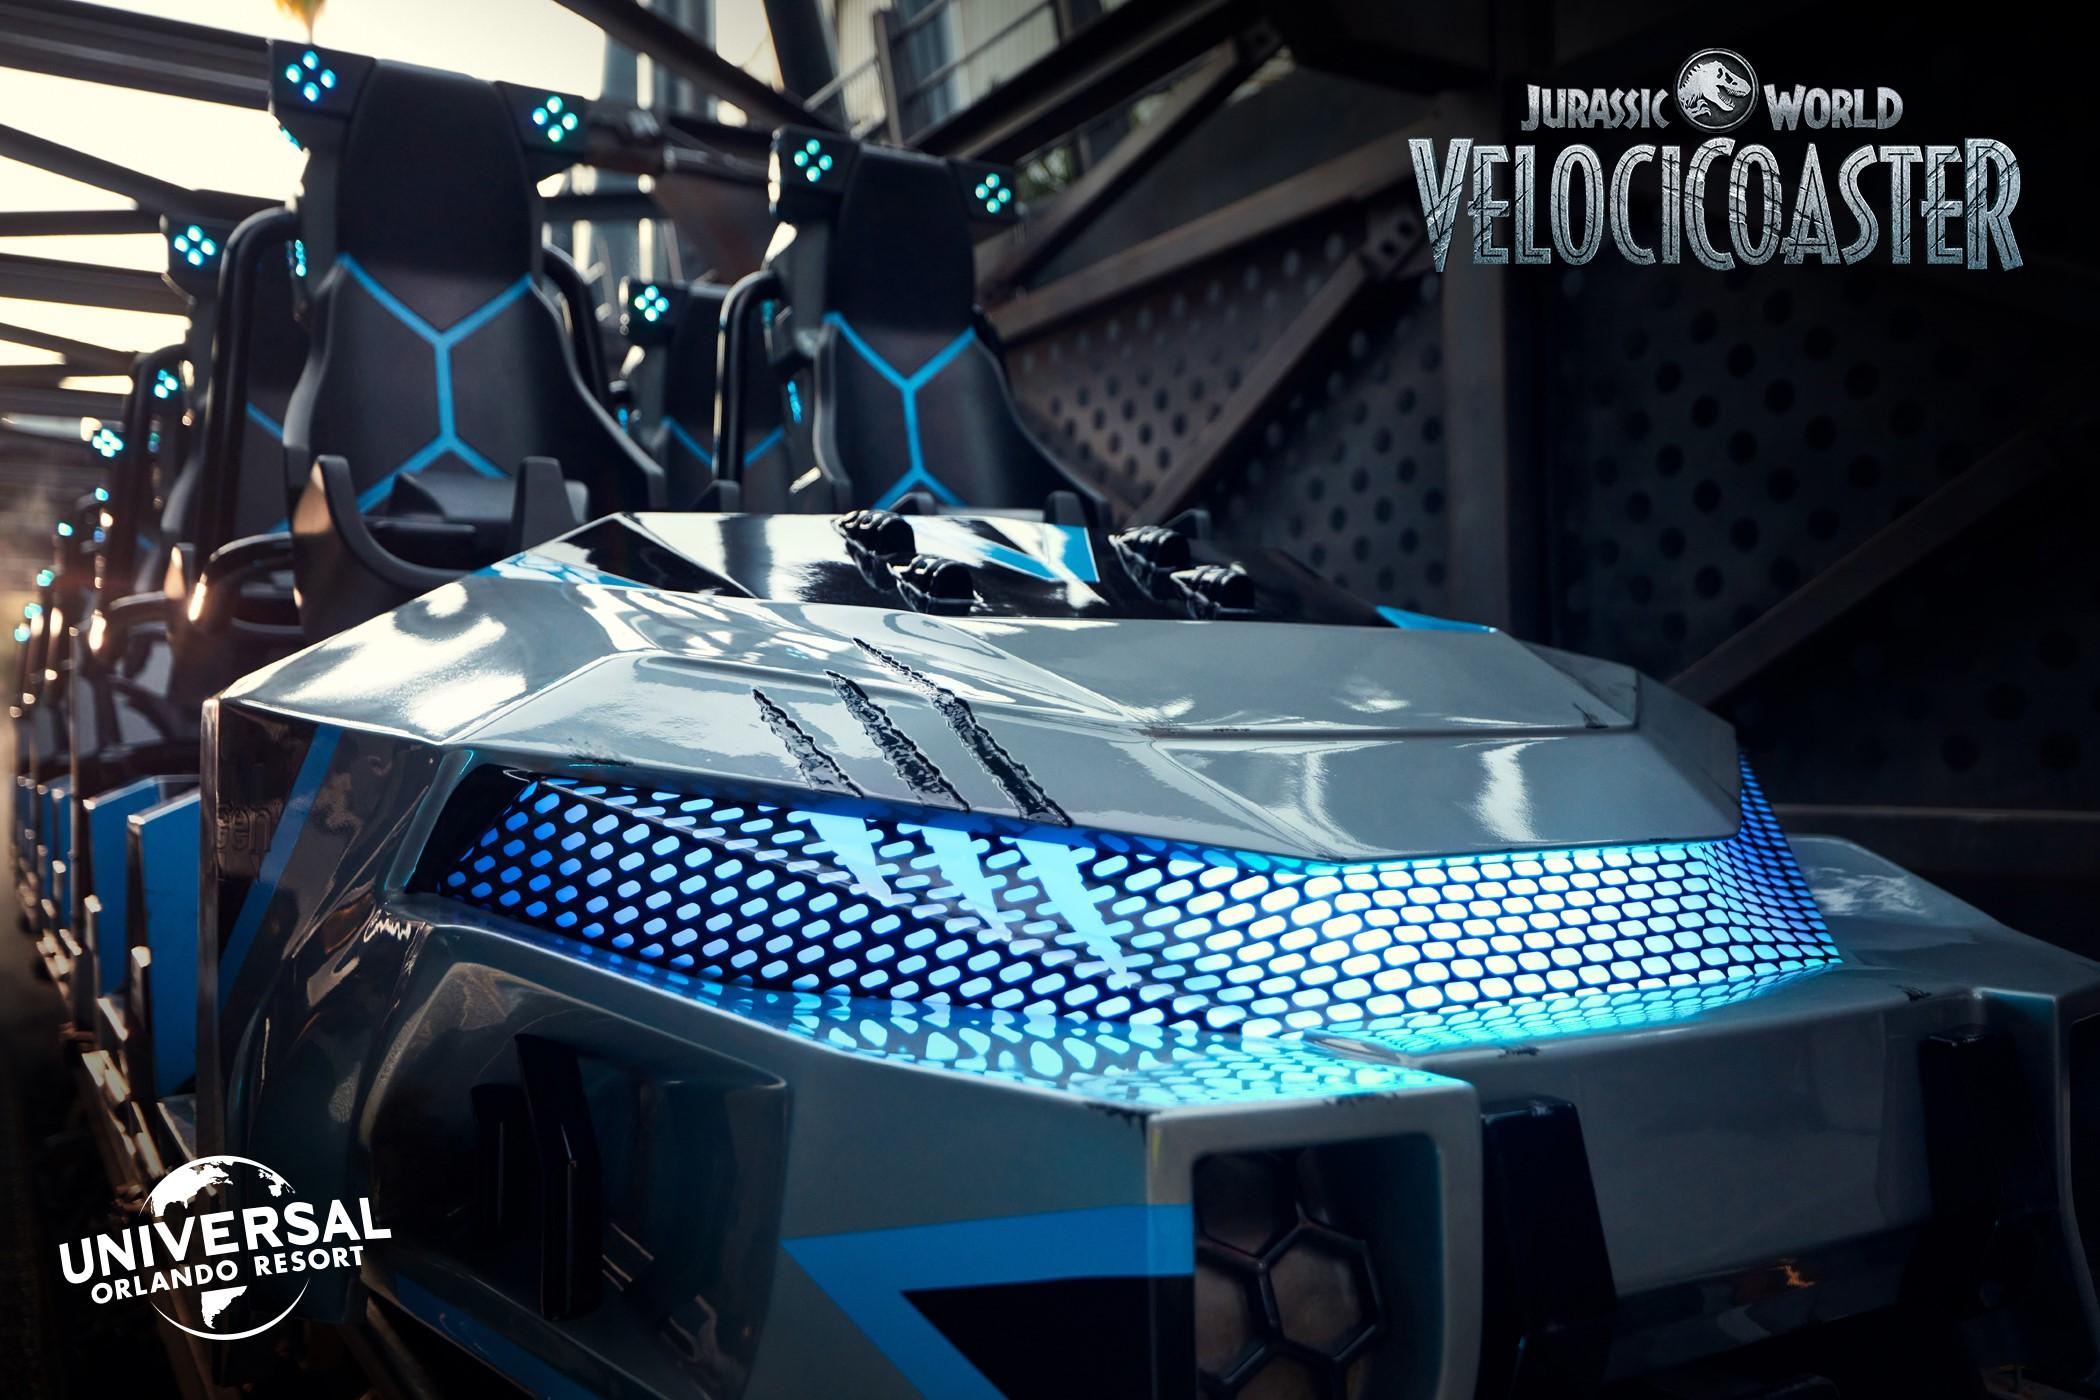 velocicoaster universal